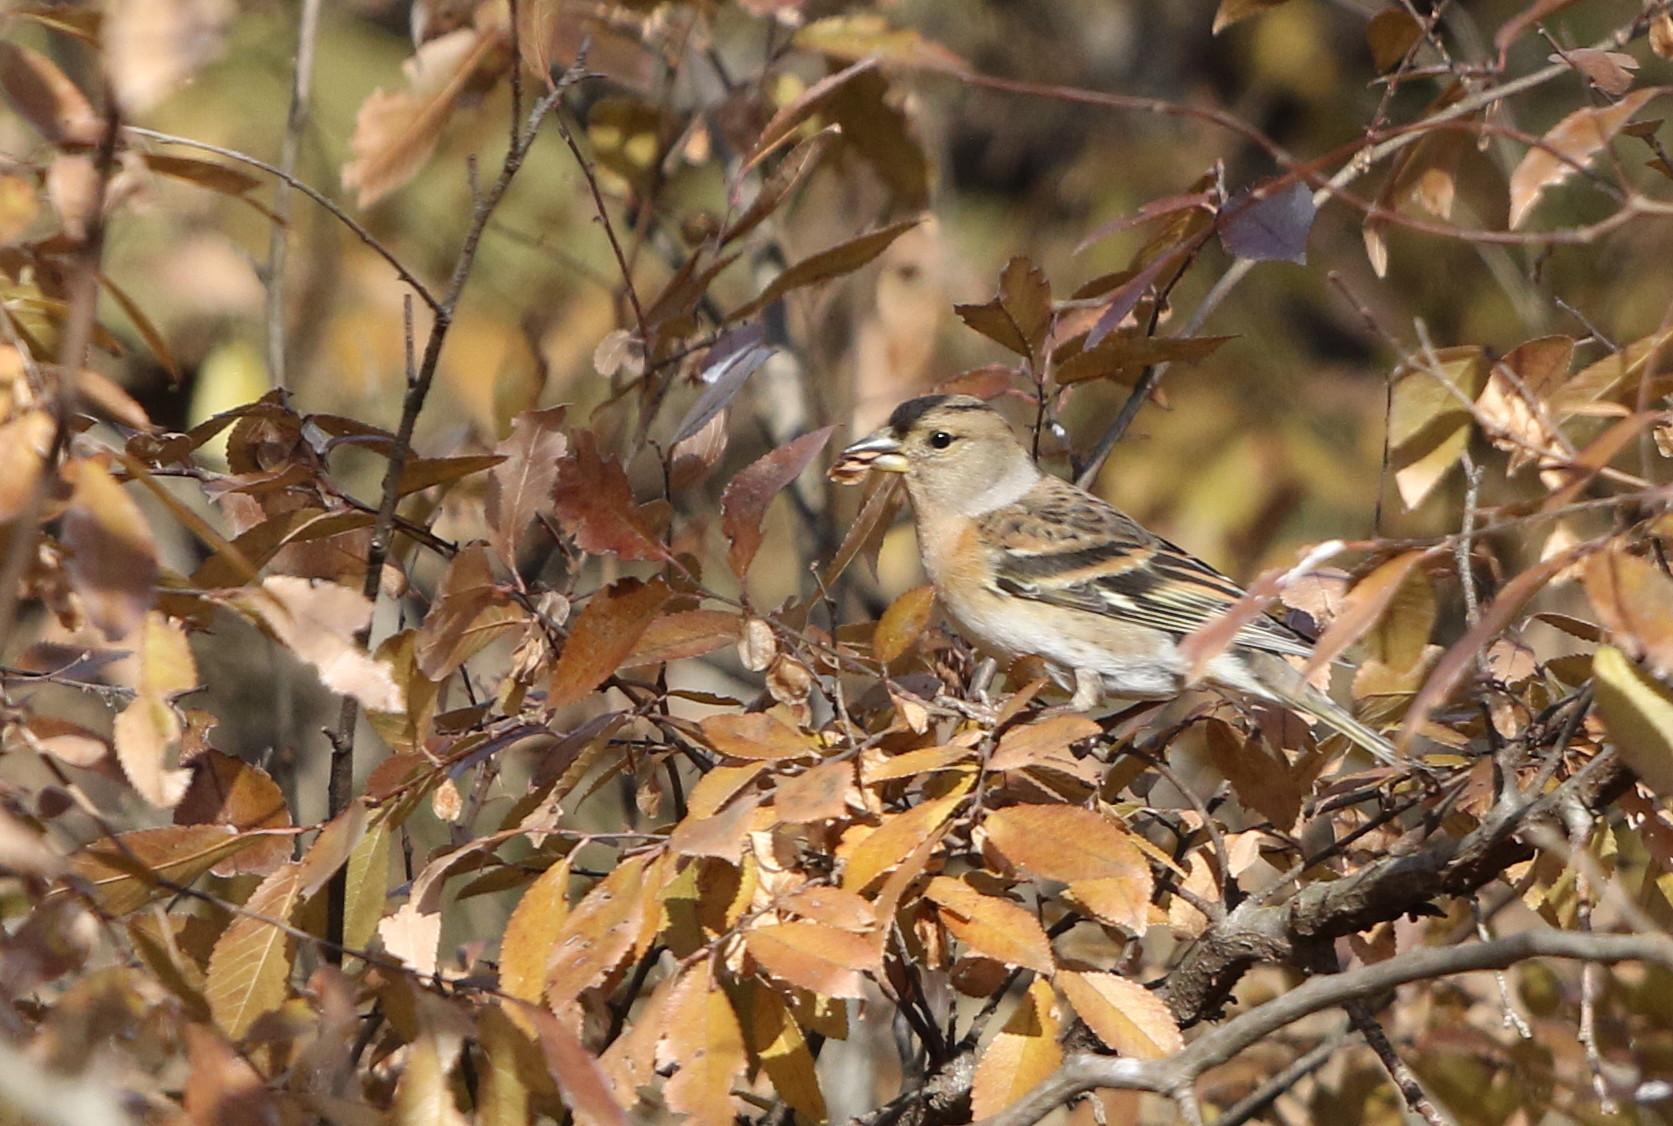 冬鳥を探しに出かけアトリに逢う(渡良瀬遊水地内にて)_f0239515_17321722.jpg